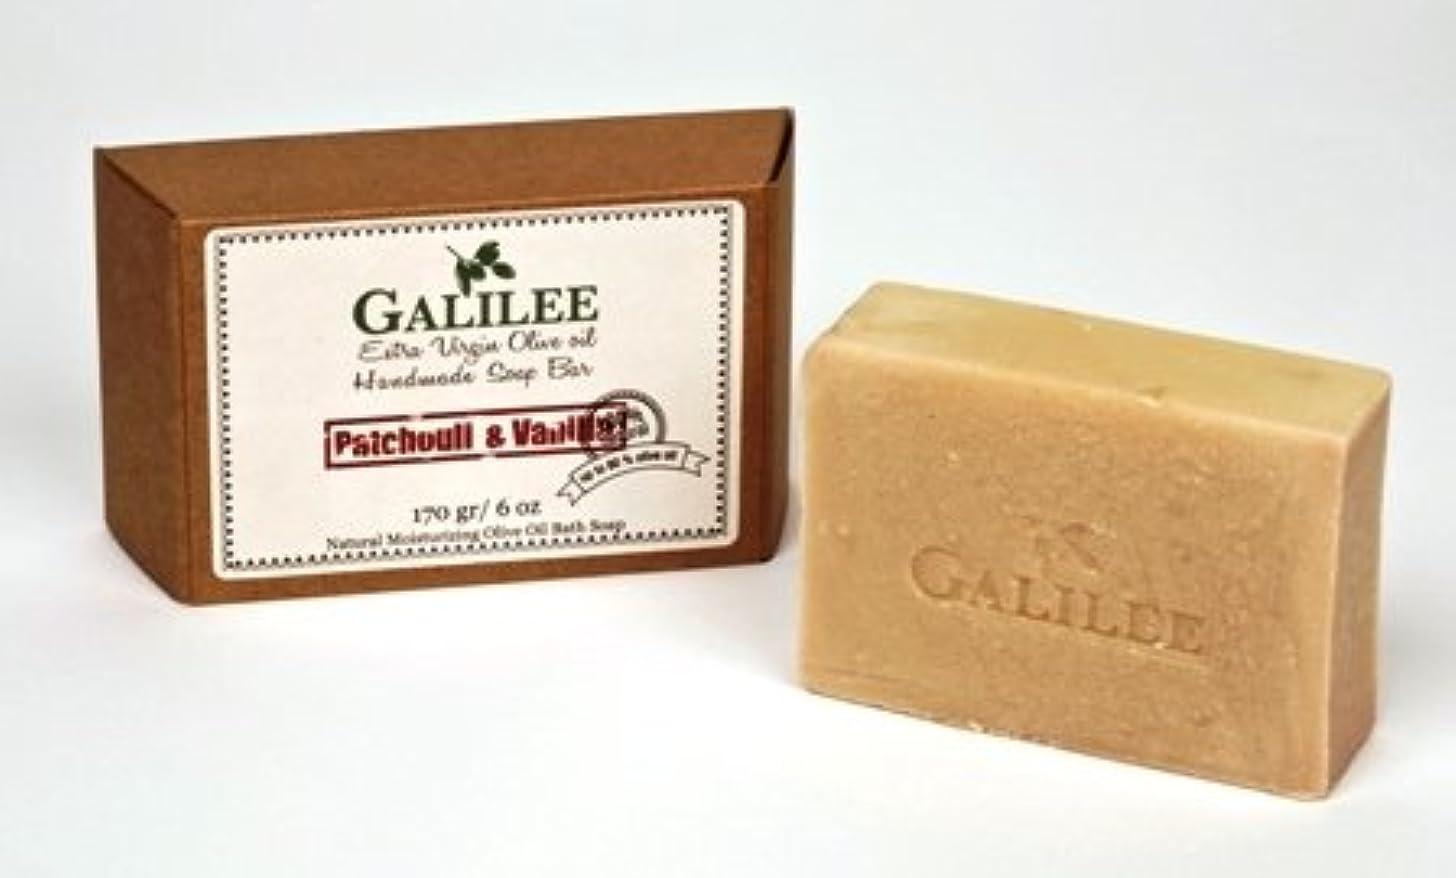 パズル見通し変色するGalilee Magic ガリラヤオリーブオイルソープバー 6oz パチュリー&バニラオリーブオイル